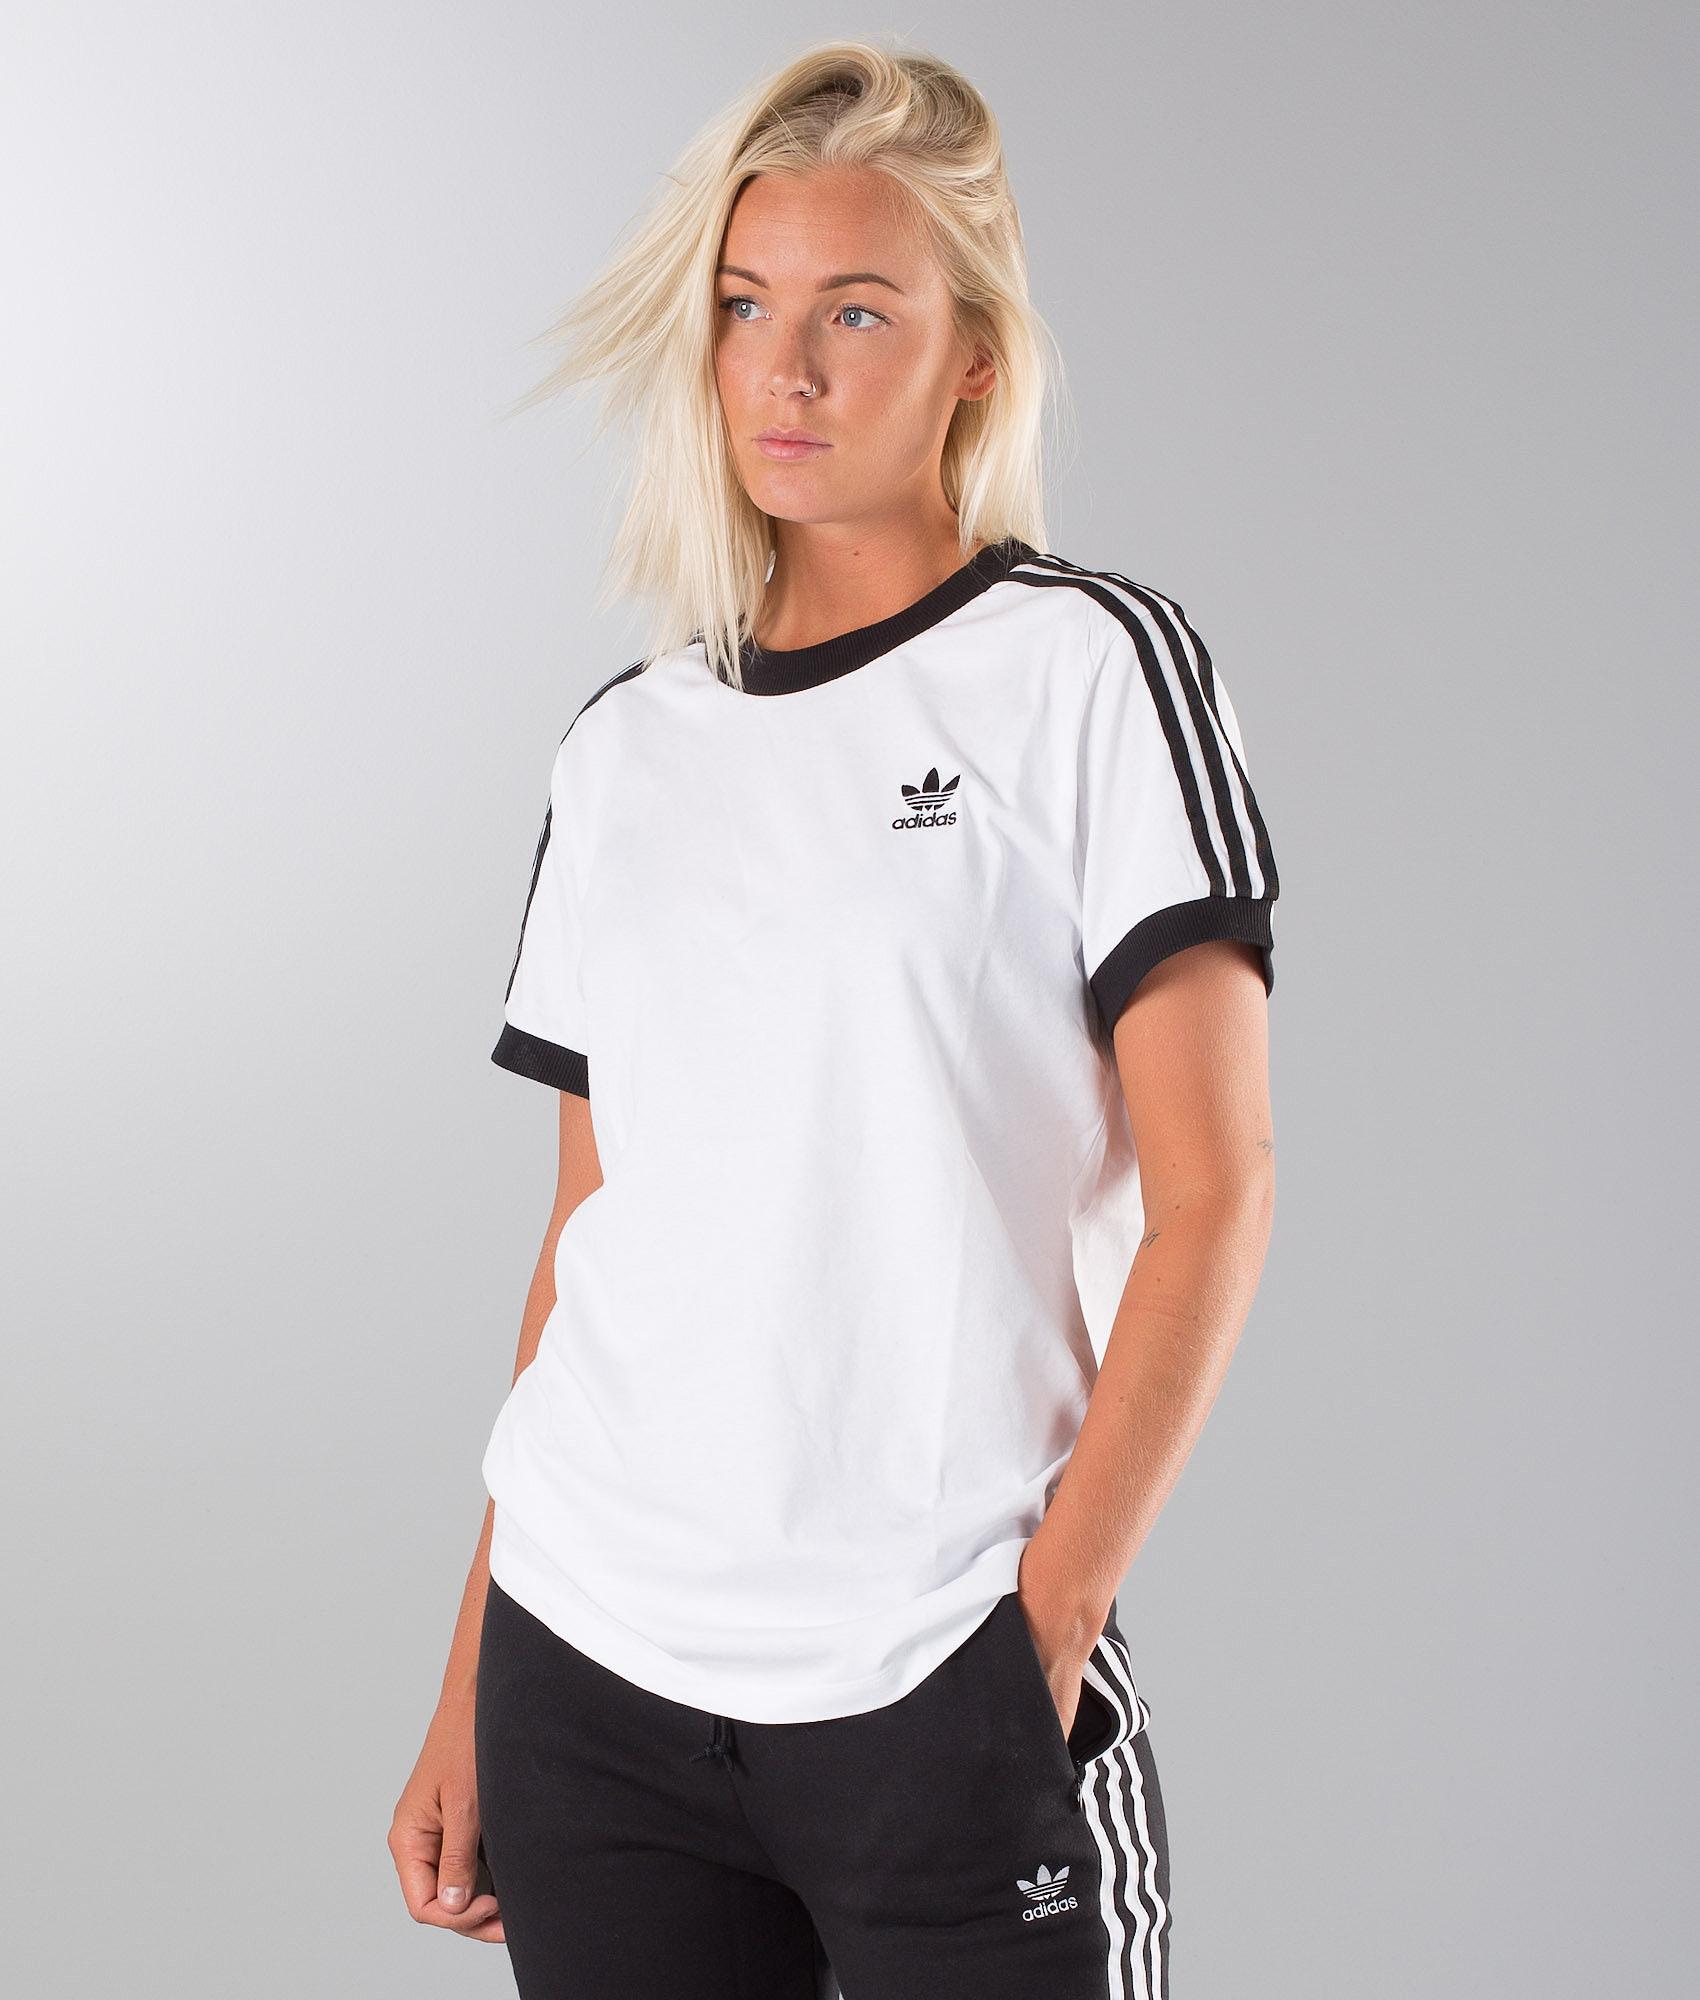 2e301c7371b Adidas Originals 3 Stripes T-shirt White - Ridestore.com